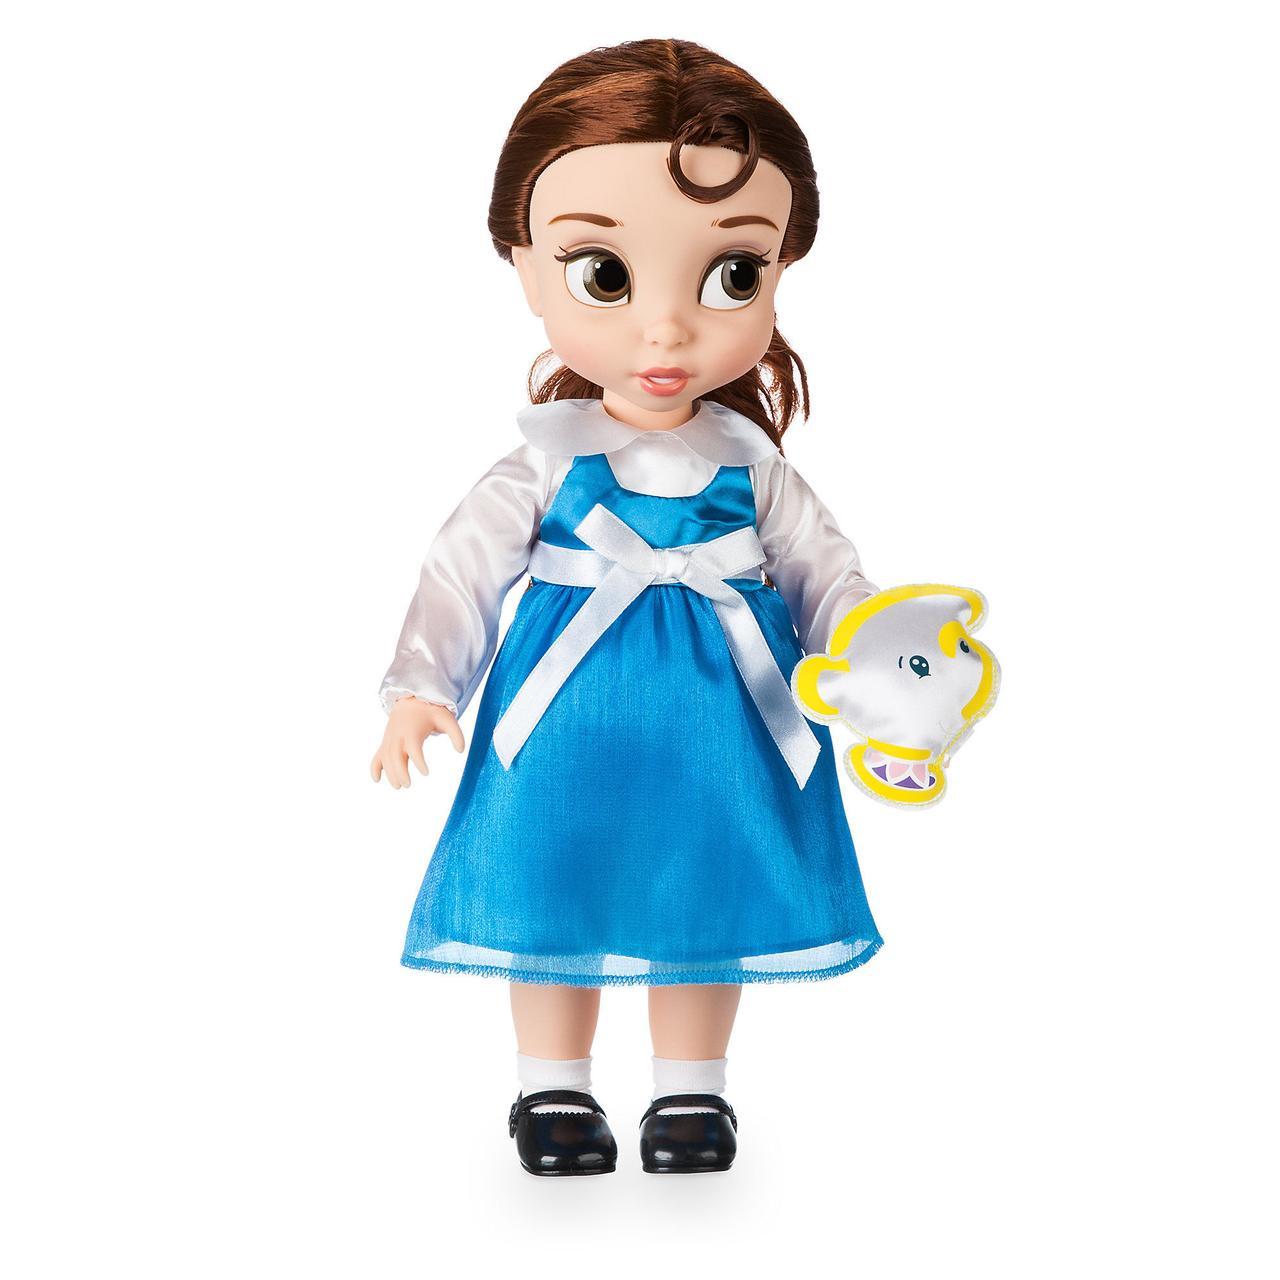 Disney Animators Дисней Аниматор Кукла принцесса малышка Белль